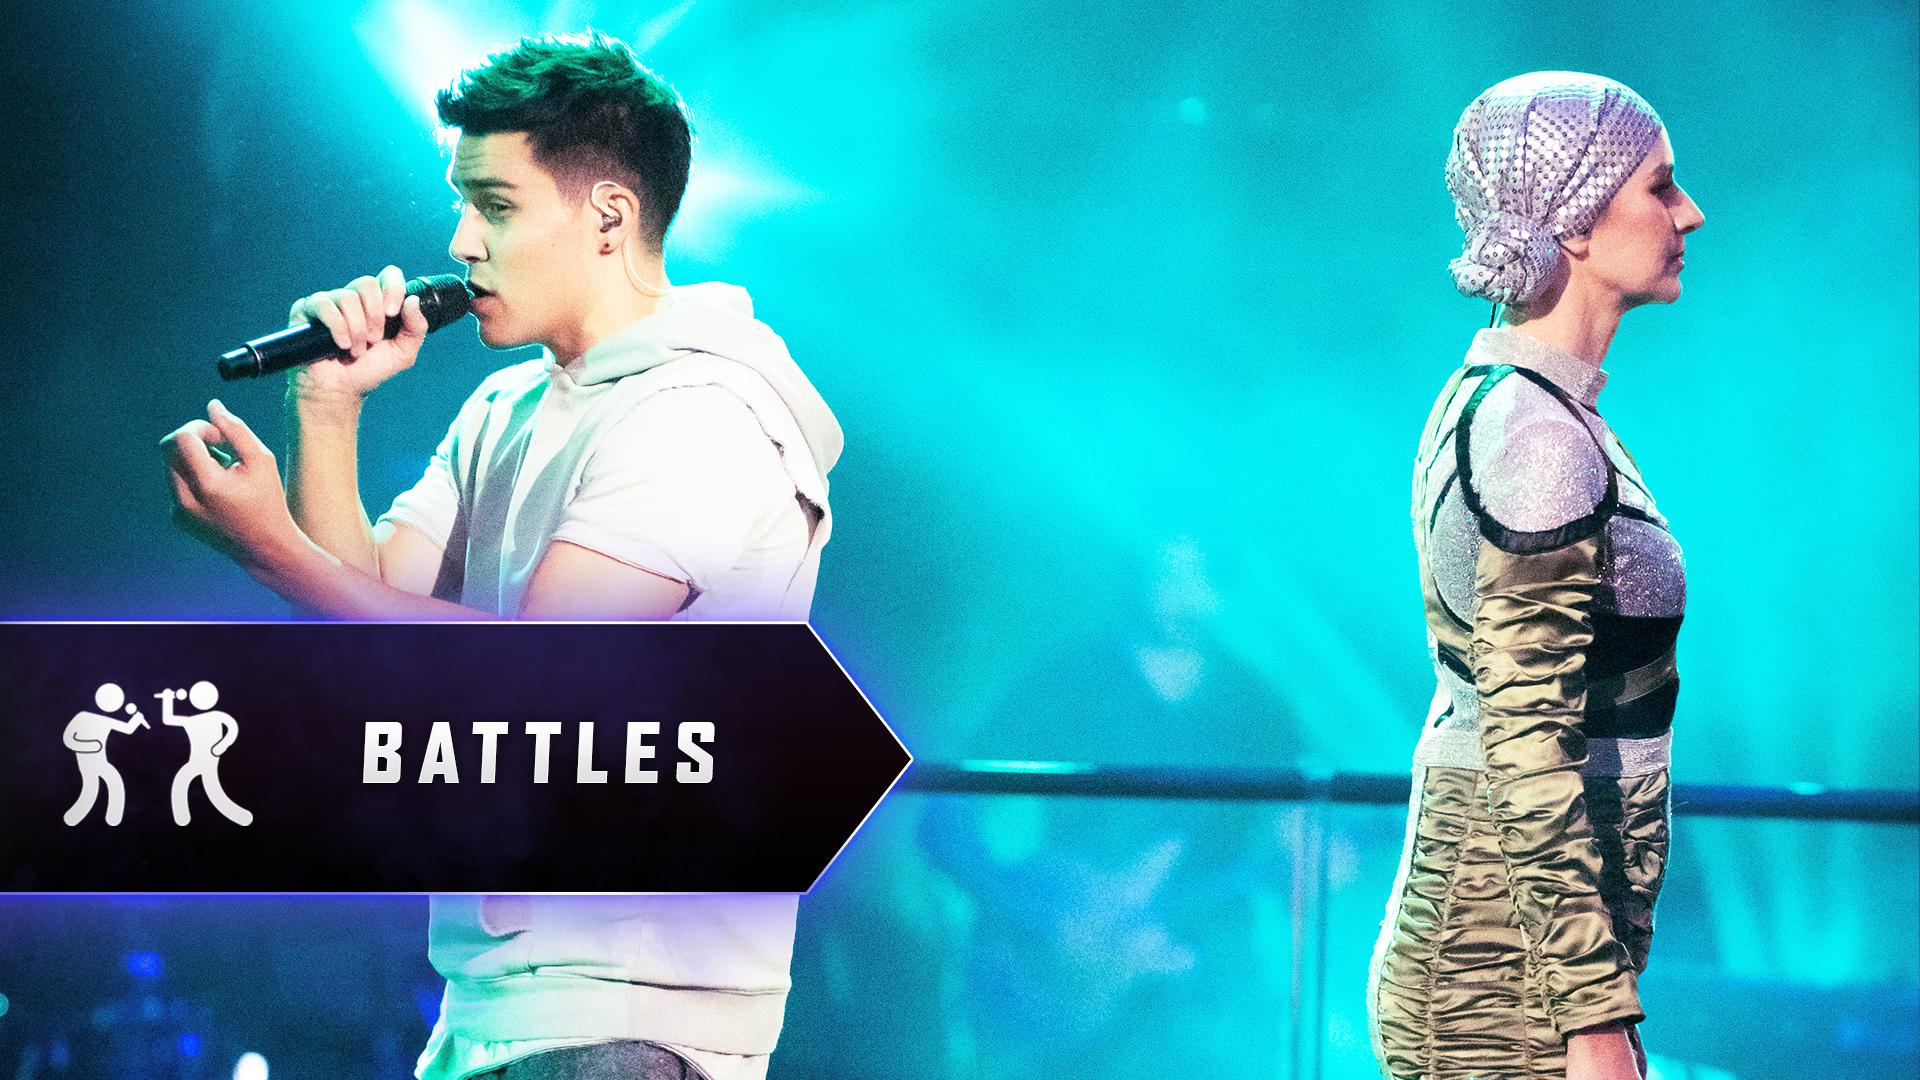 The Battles: Jesse Teinaki v Natasha Stuart 'Giant'